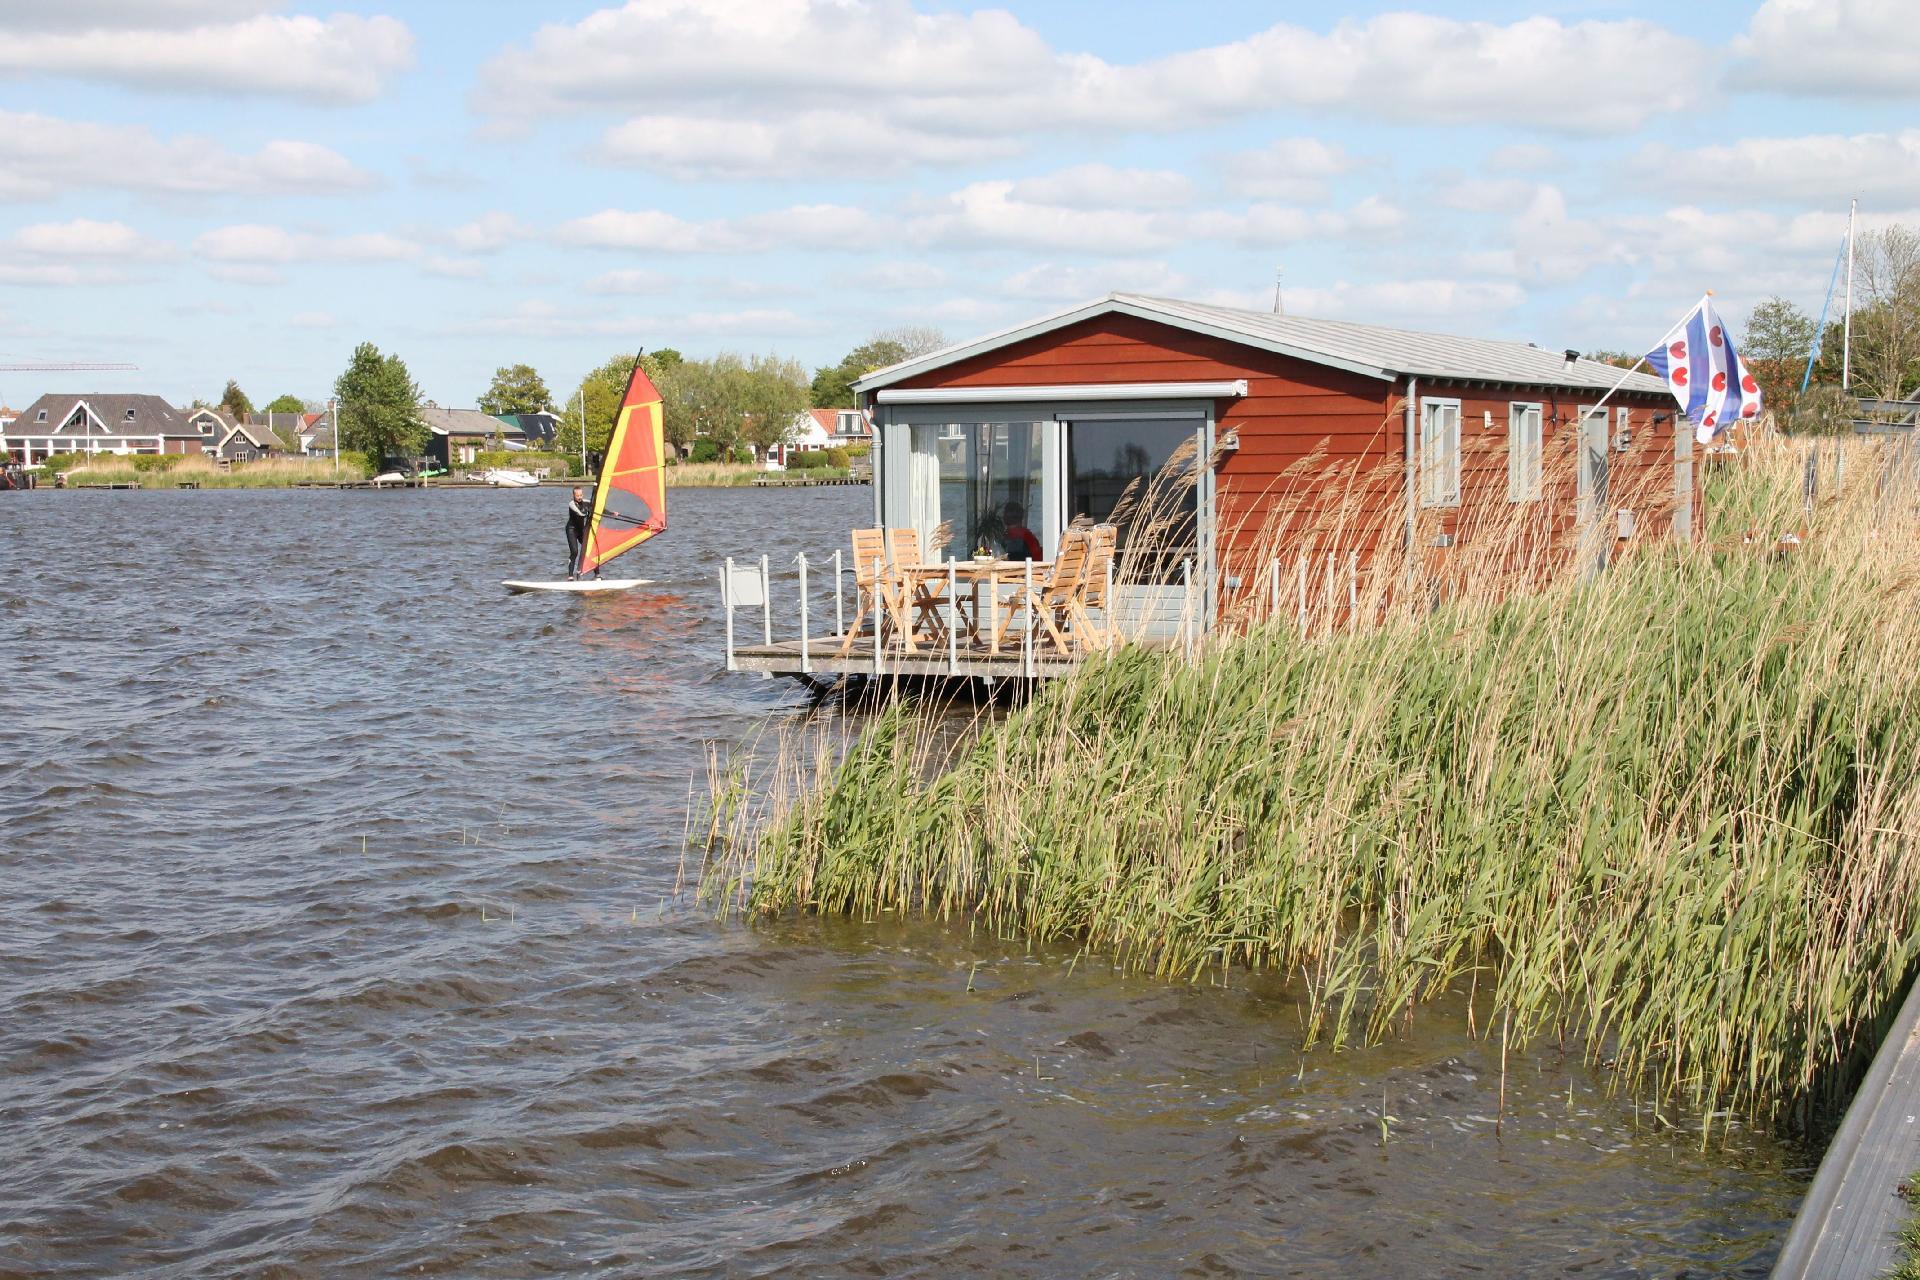 Hausboot/ Schiff für 4 Personen ca. 85 m² Boot